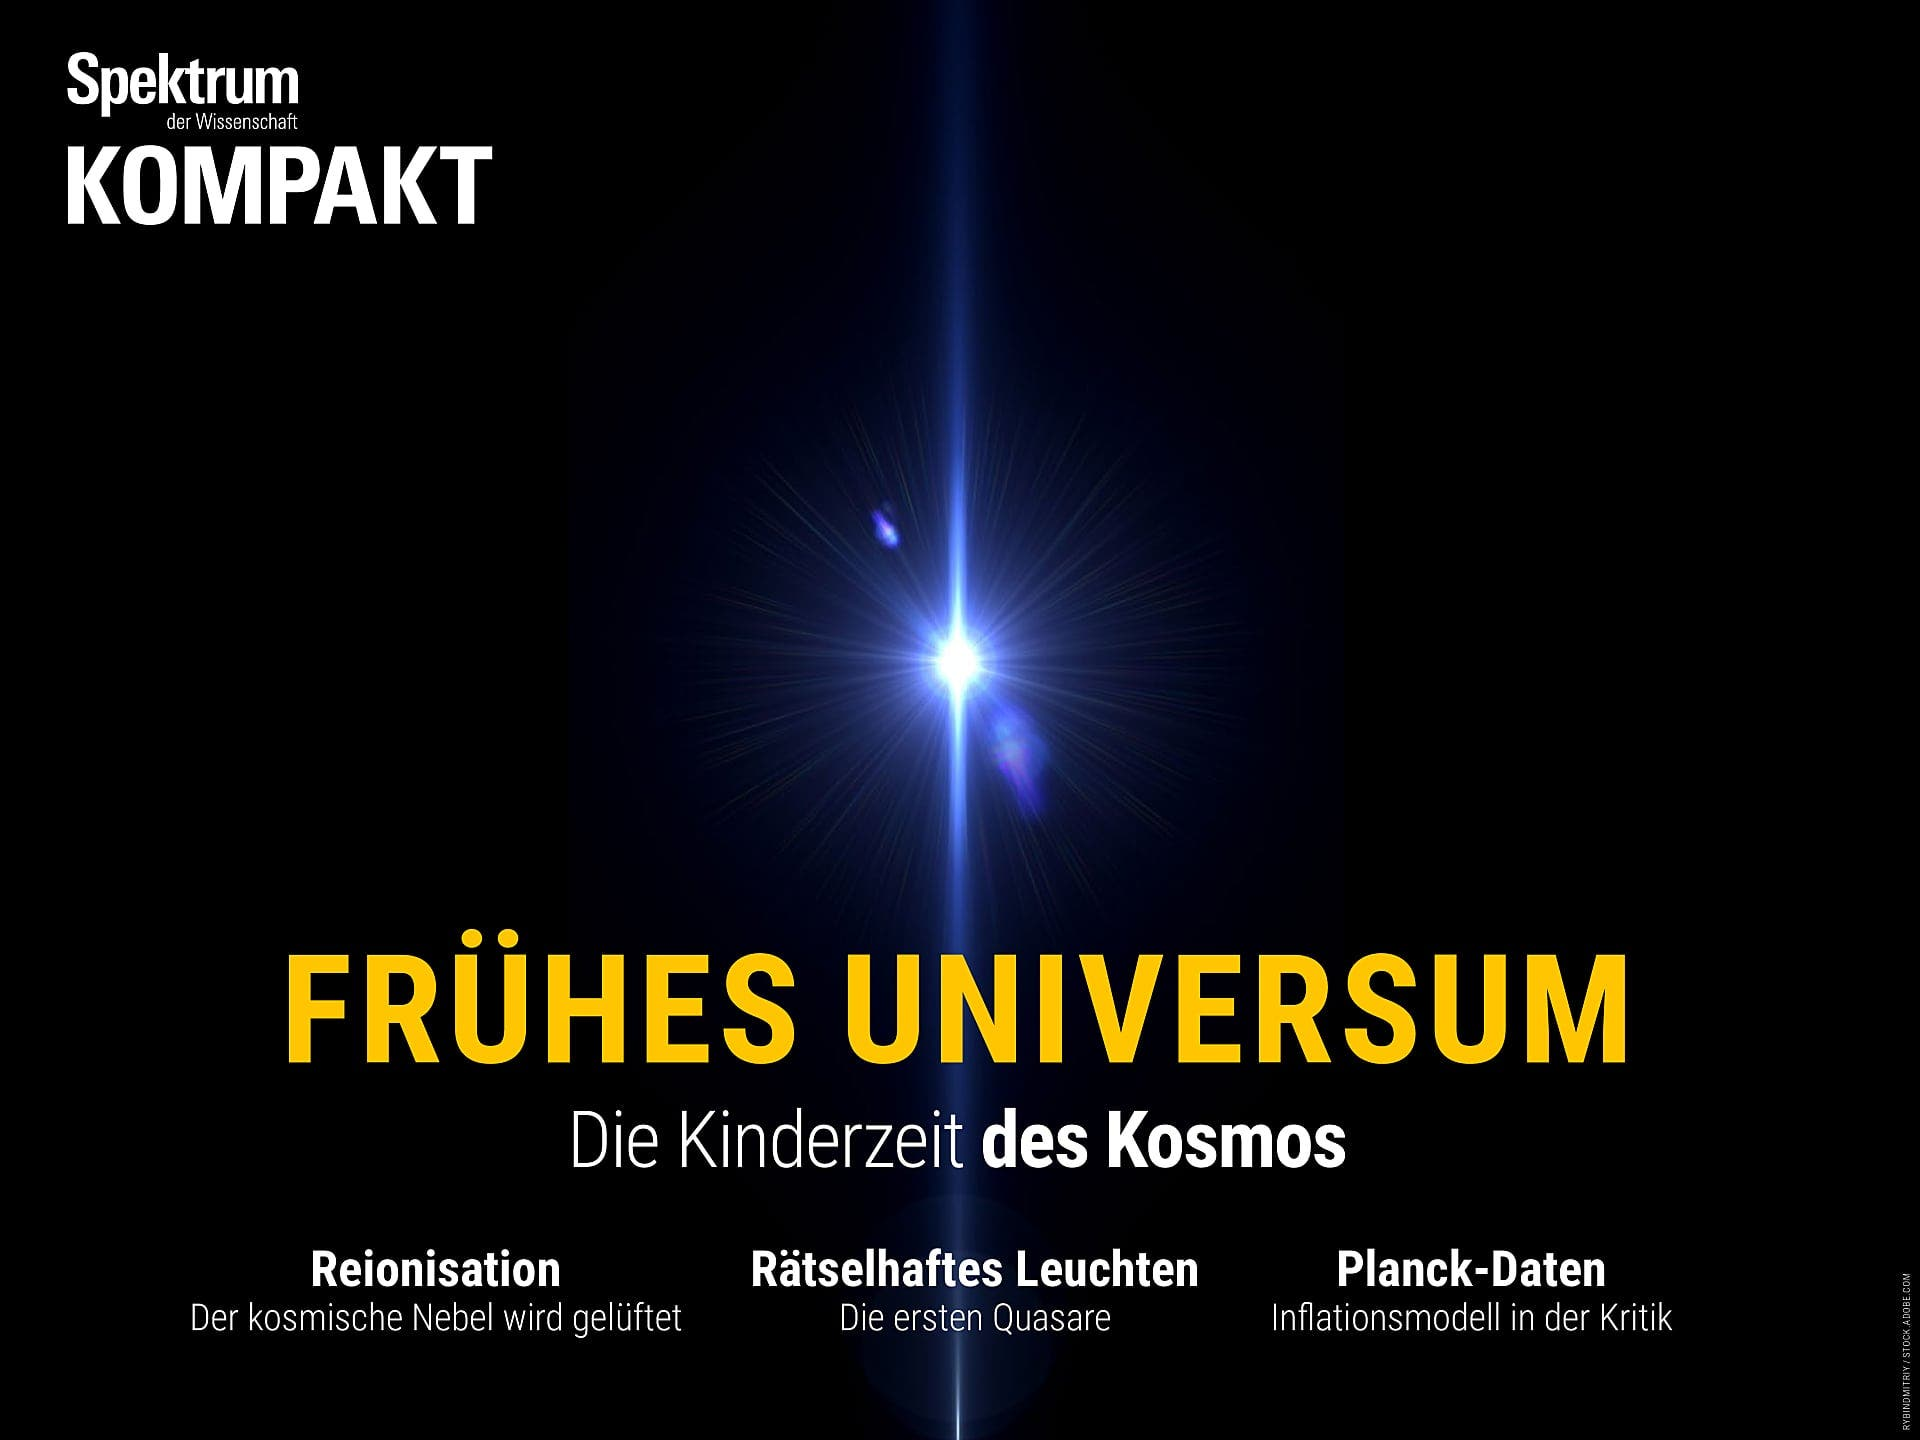 Frühes Universum - Die Kinderzeit des Kosmos